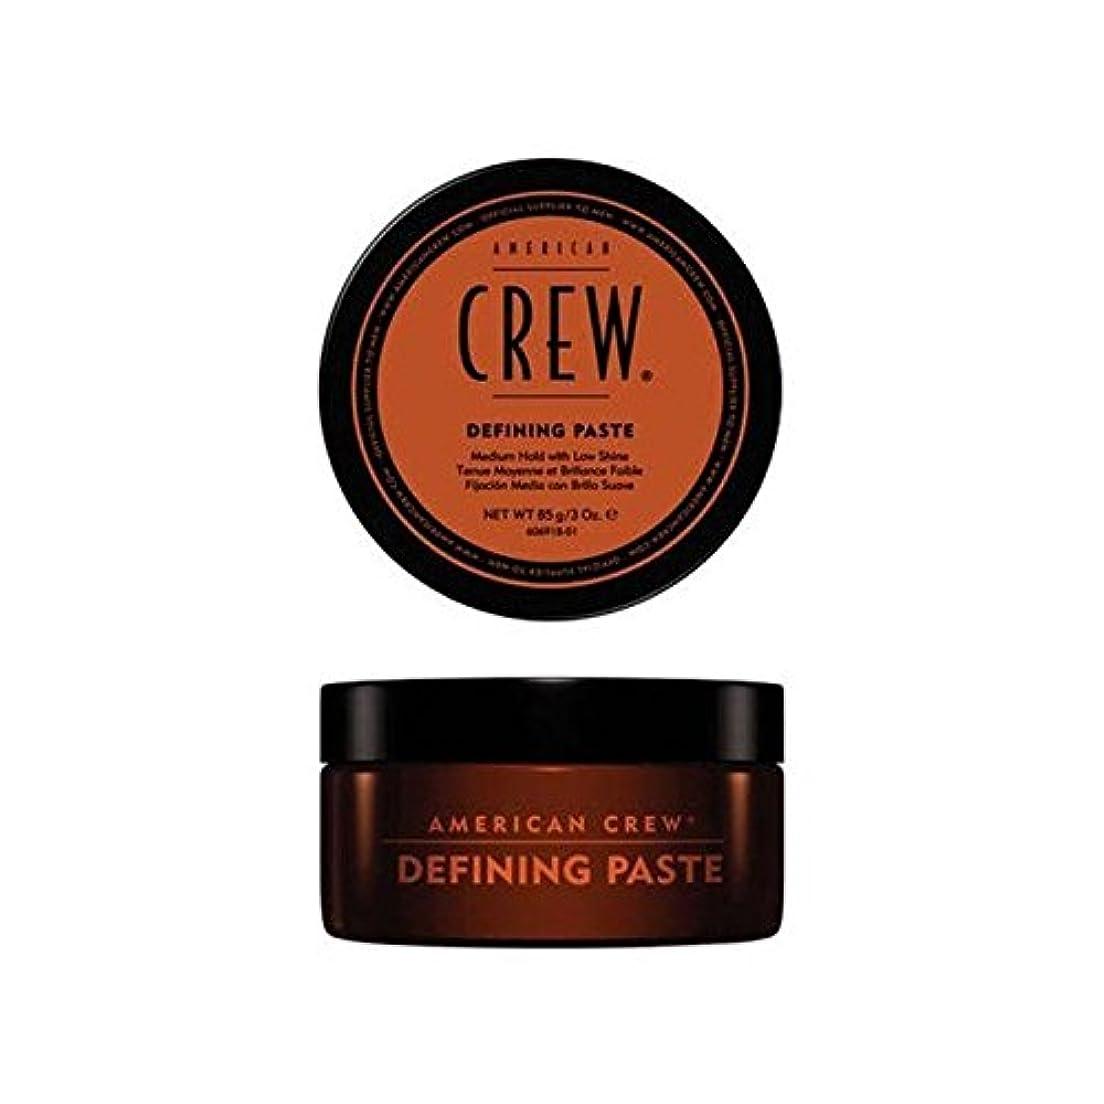 宣言する湿った不誠実アメリカの乗組員の定義ペースト(85グラム) x4 - American Crew Defining Paste (85G) (Pack of 4) [並行輸入品]